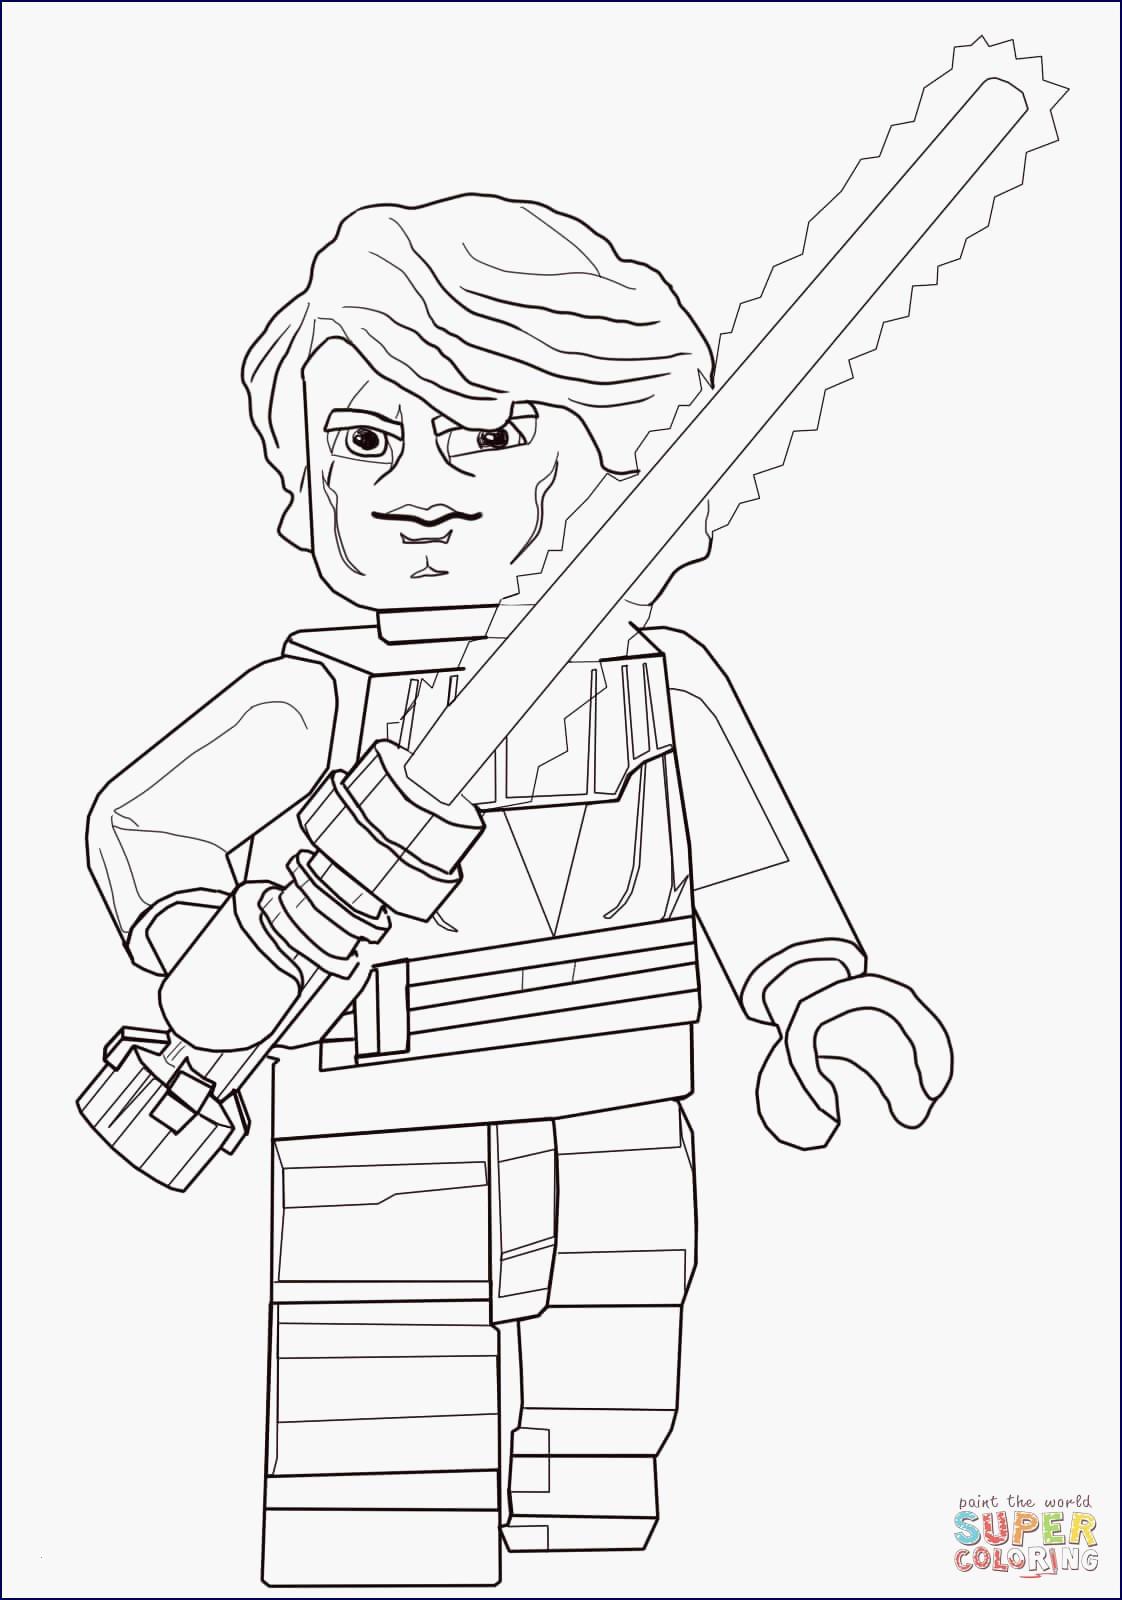 Lego Star Wars Malvorlagen Das Beste Von 35 Ausmalbilder Wc Scoredatscore Luxus Lego Star Wars Raumschiff Fotos